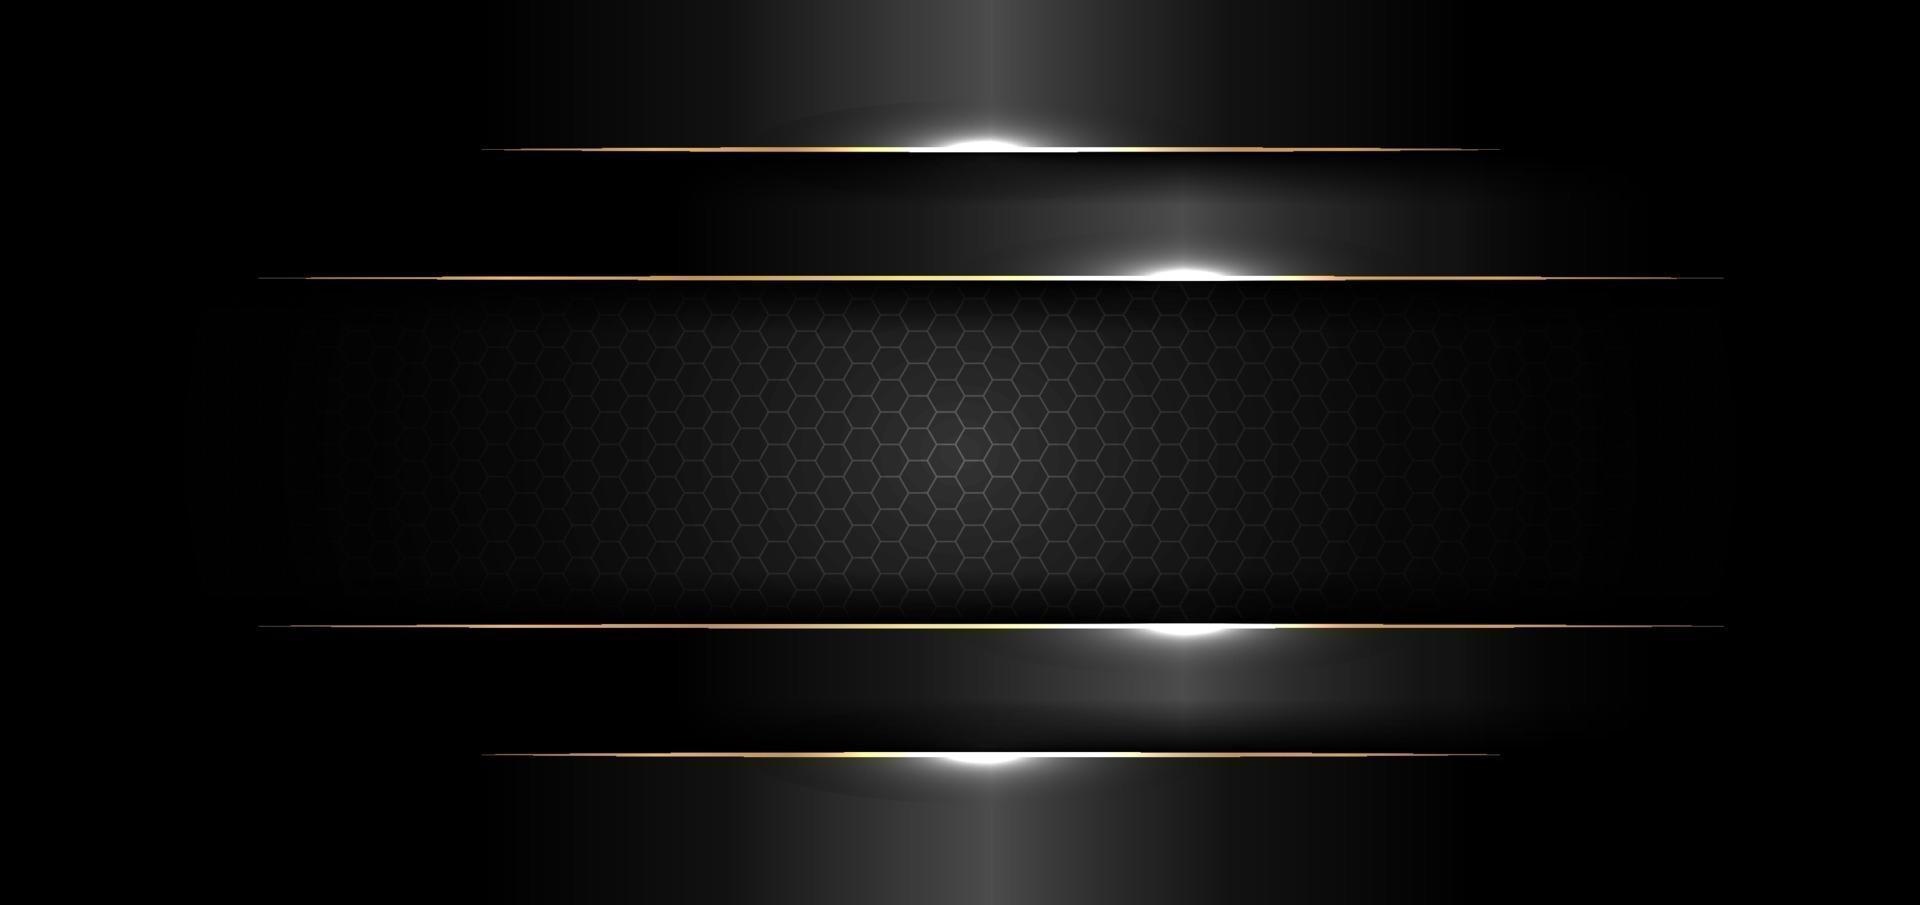 abstrakt banner designmall svart blank med guldlinje och ljuseffekt på mörk bakgrund och konsistens vektor